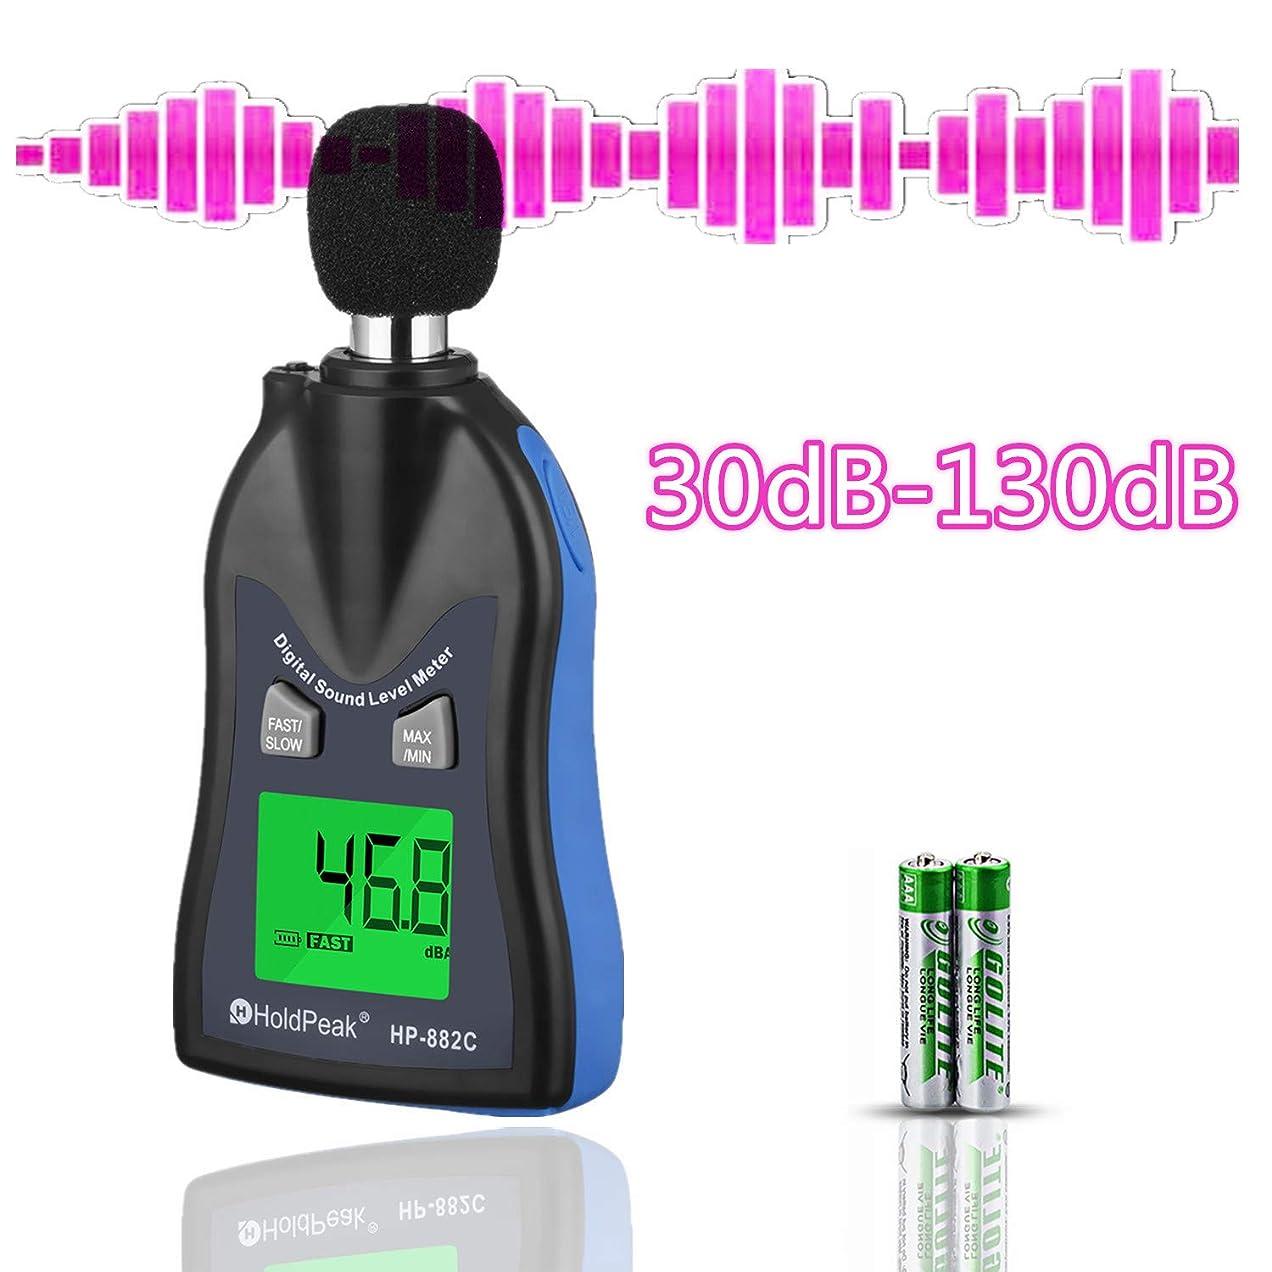 光の避難避けるHOLDPEAK 小型デジタル騒音計 騒音測定器 ノイズ測定器 30-130db 現在/平均値 最大/最小値保持 自動LCDバックライト付き,電池付属